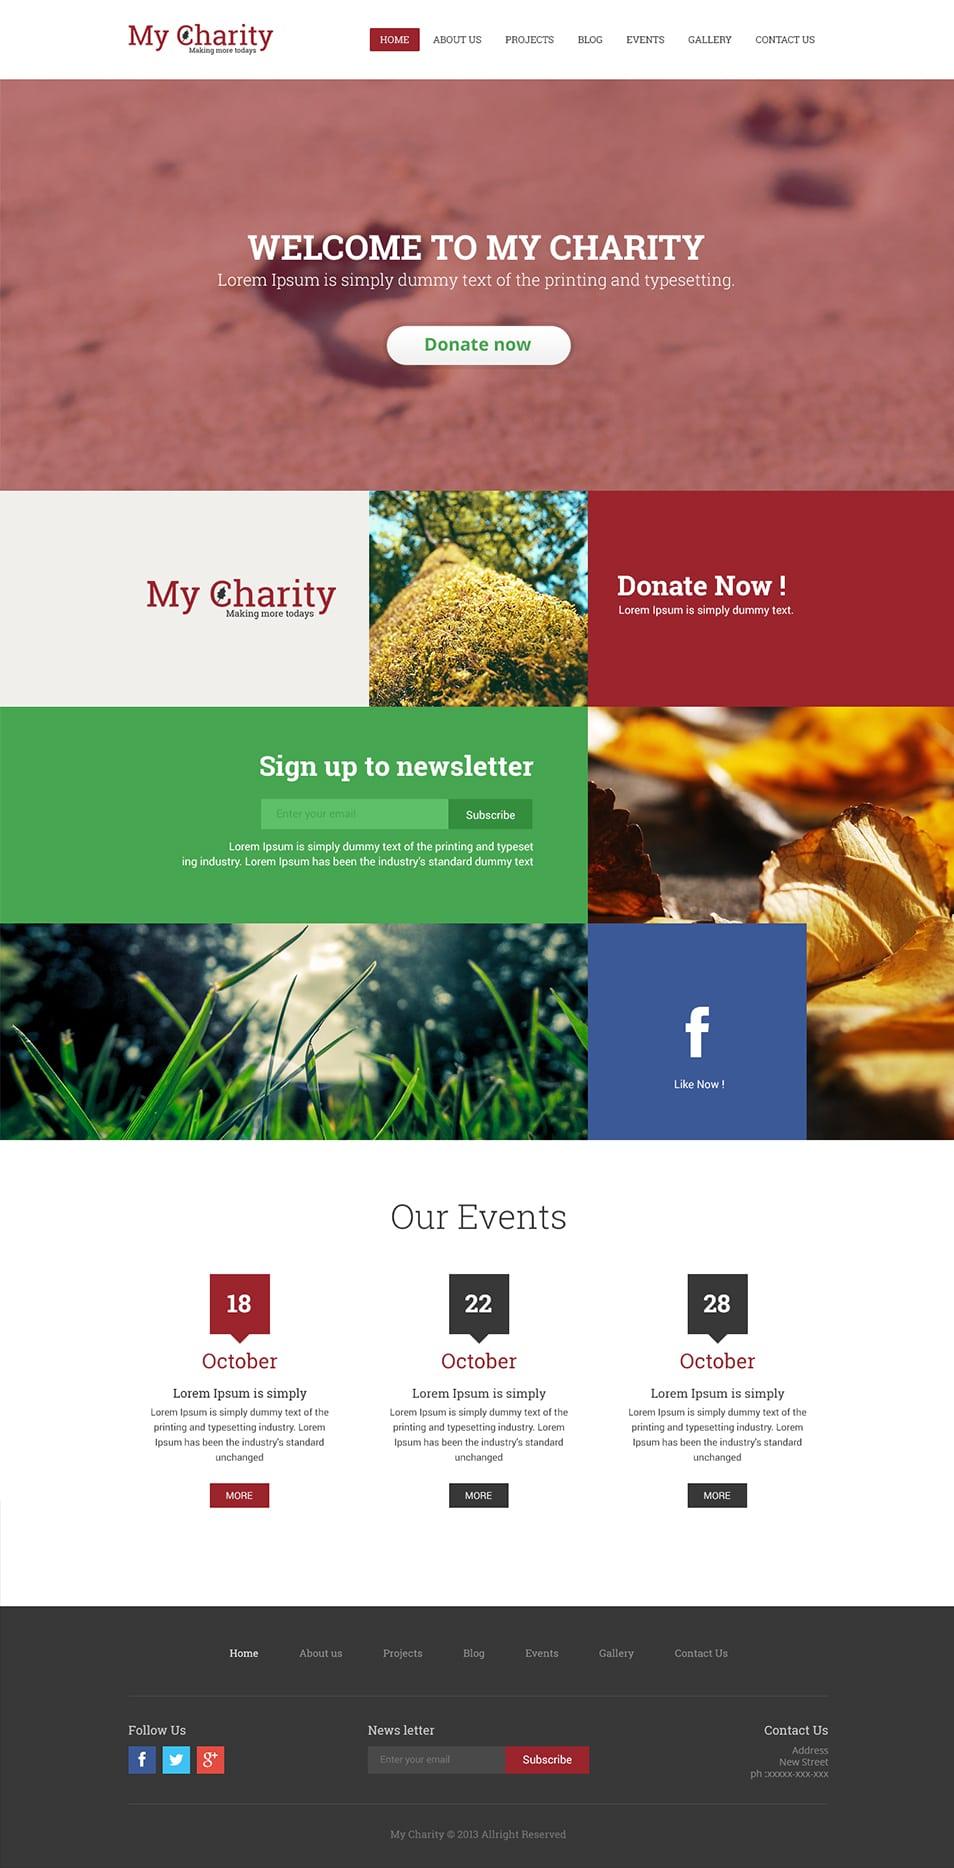 Free Charity Website Template PSD - cssauthor.com